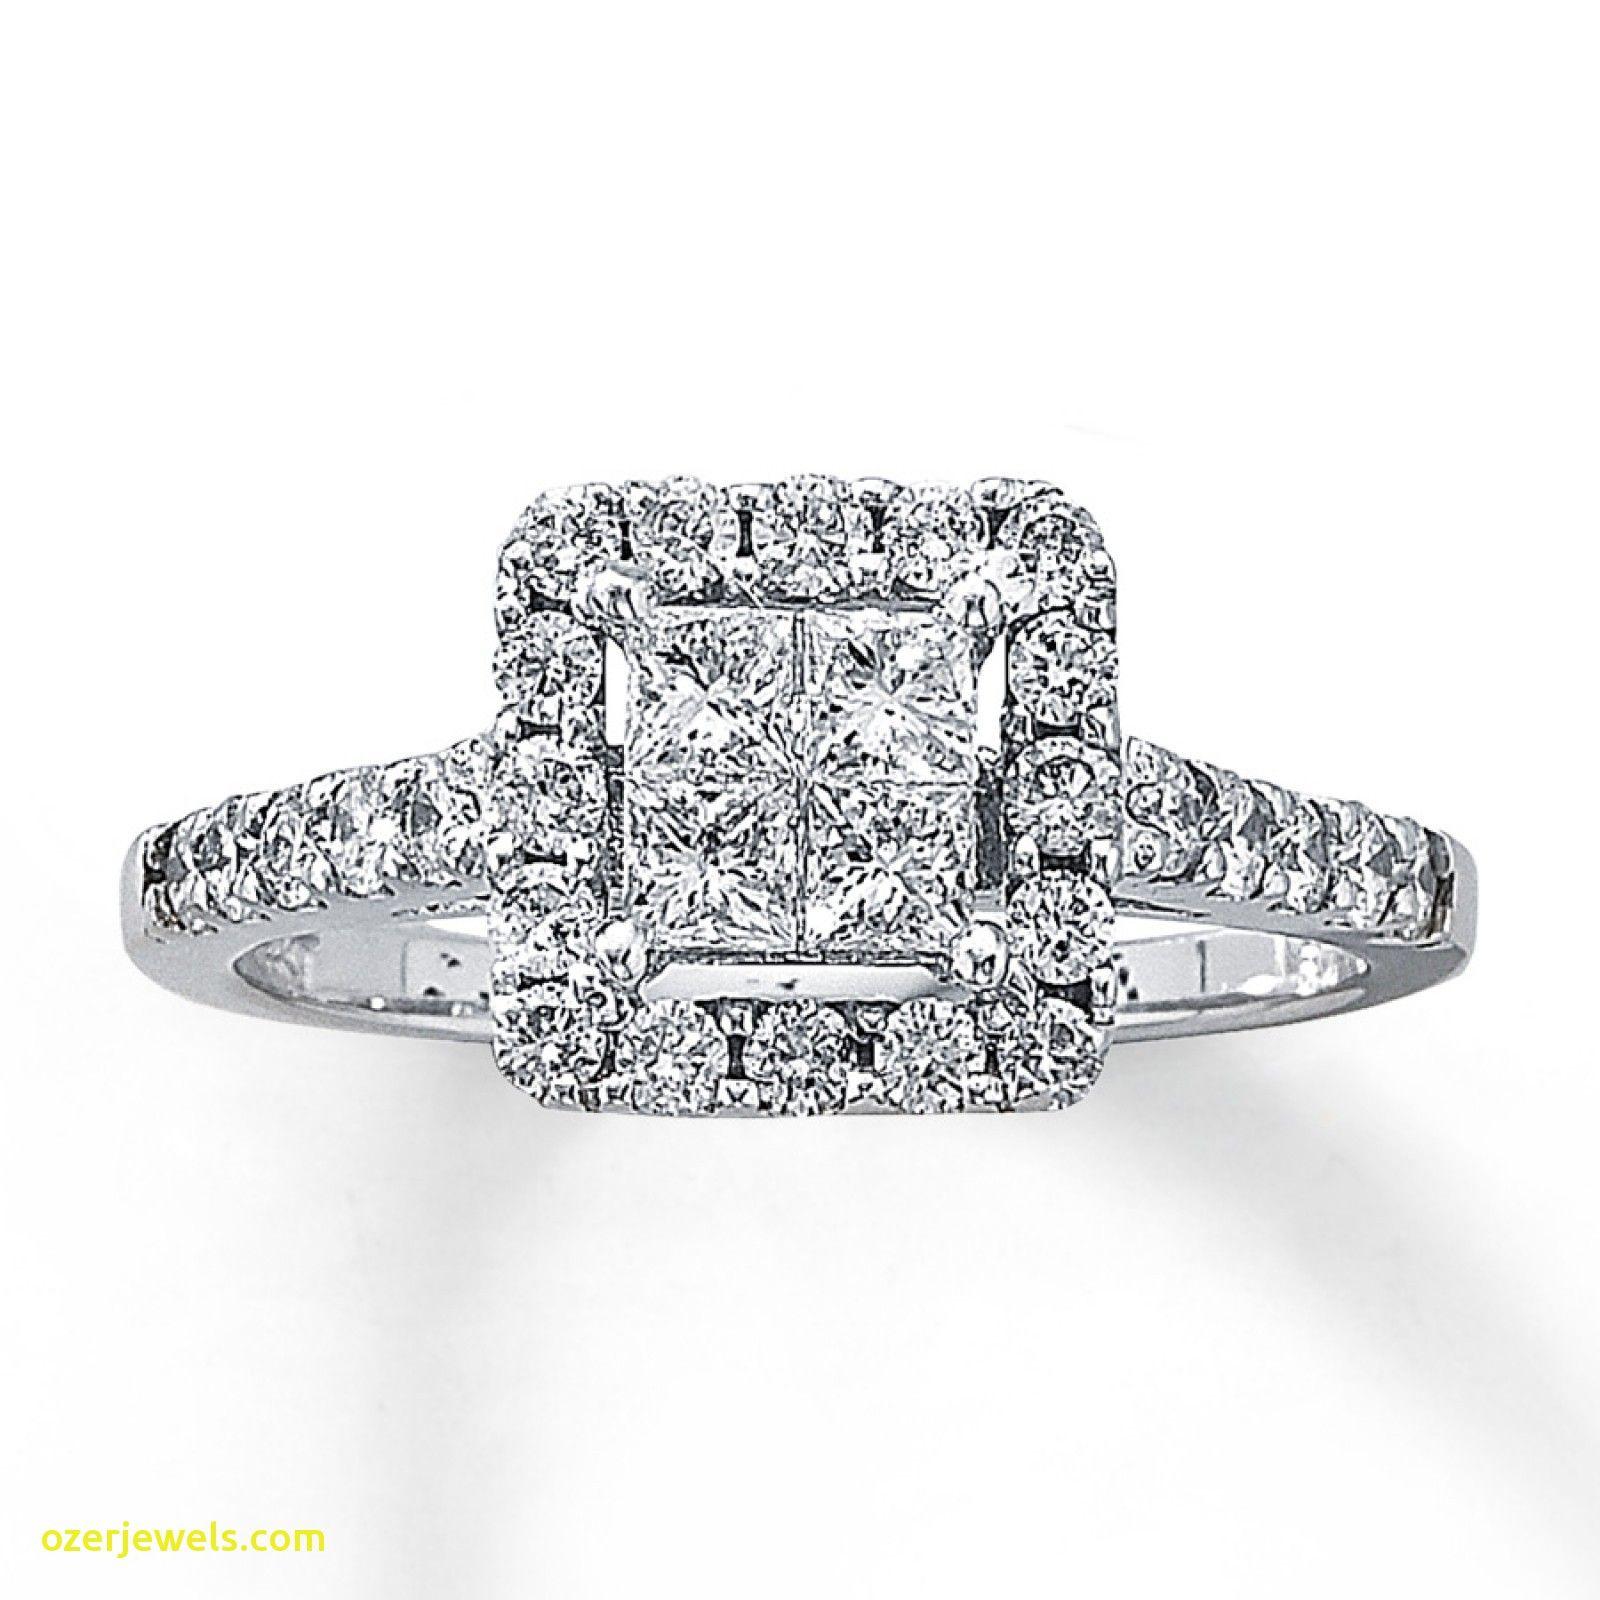 aec14169a kay jewelers diamond rings inspirational kay jewelers men s wedding rings  inspirational jewelry diamond